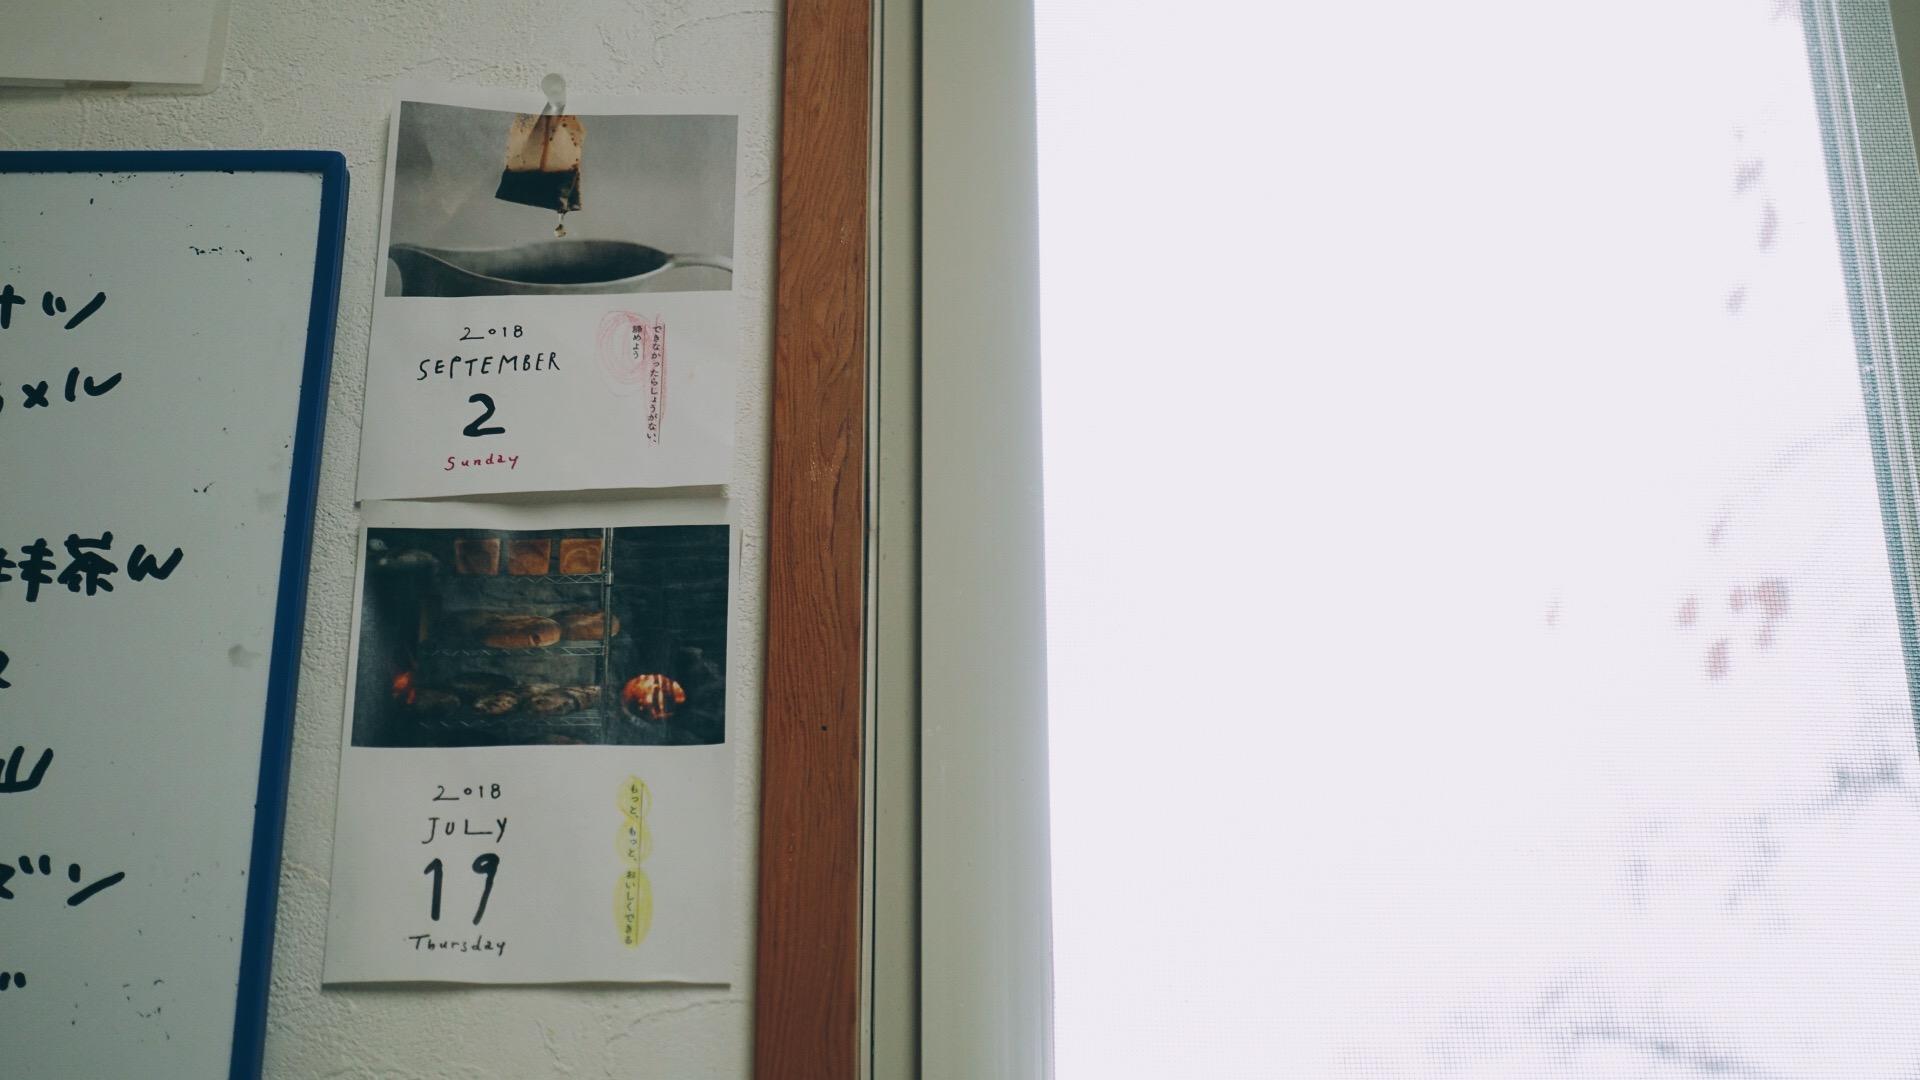 TAKENOSU BAKE カレンダー